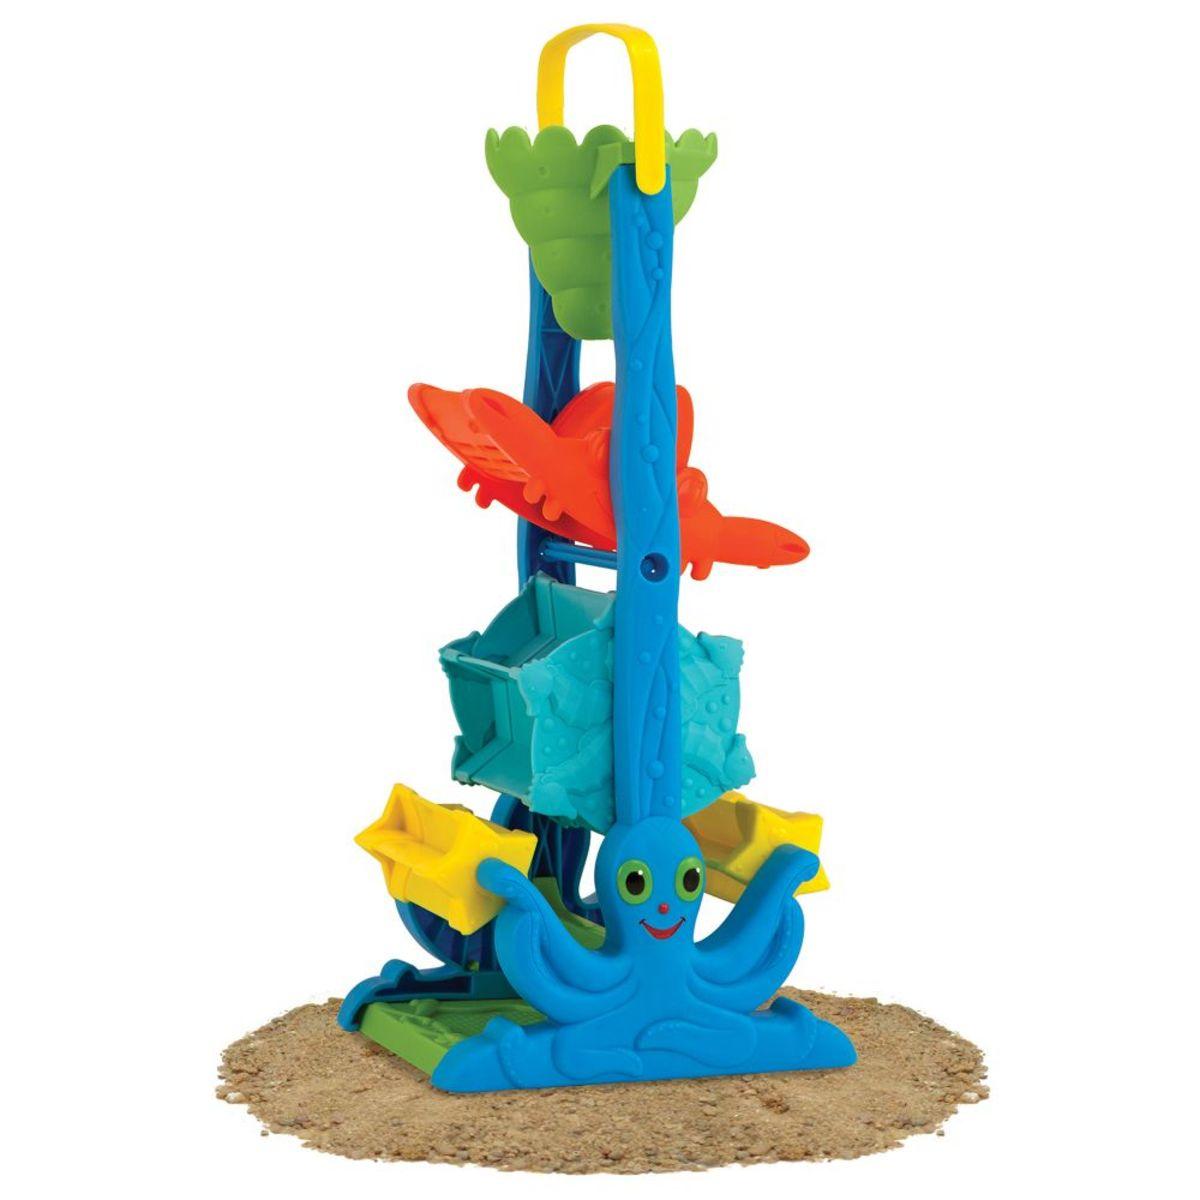 Barevný mlýnek na písek a vodu colorful pyramid water toy